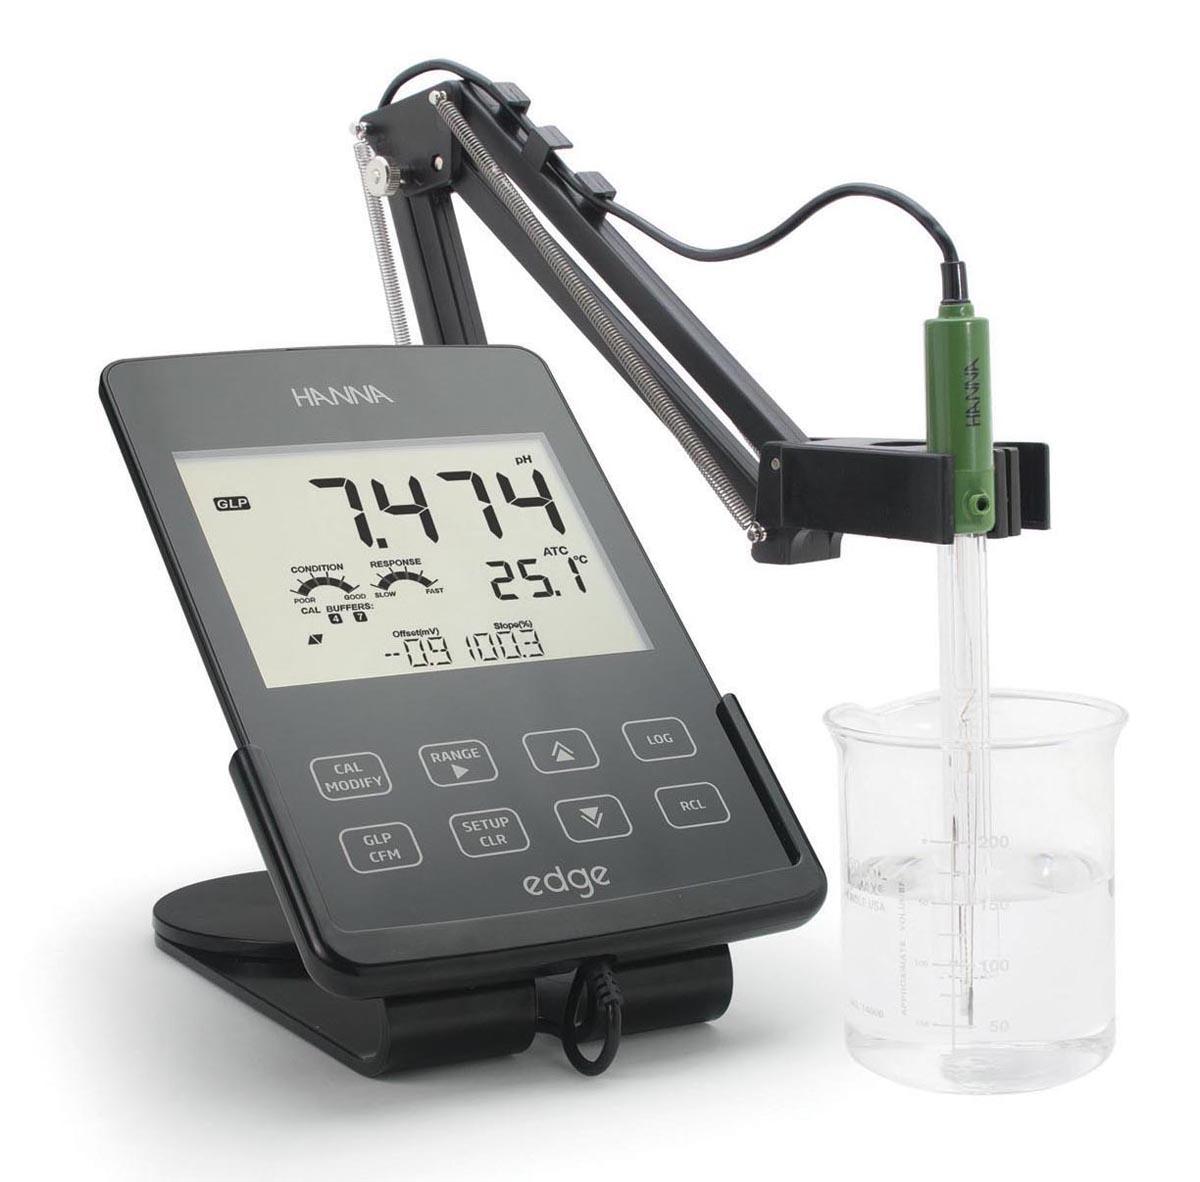 ハンナ インスツルメンツ・ジャパン タブレット型水質計 edge HI2020-01